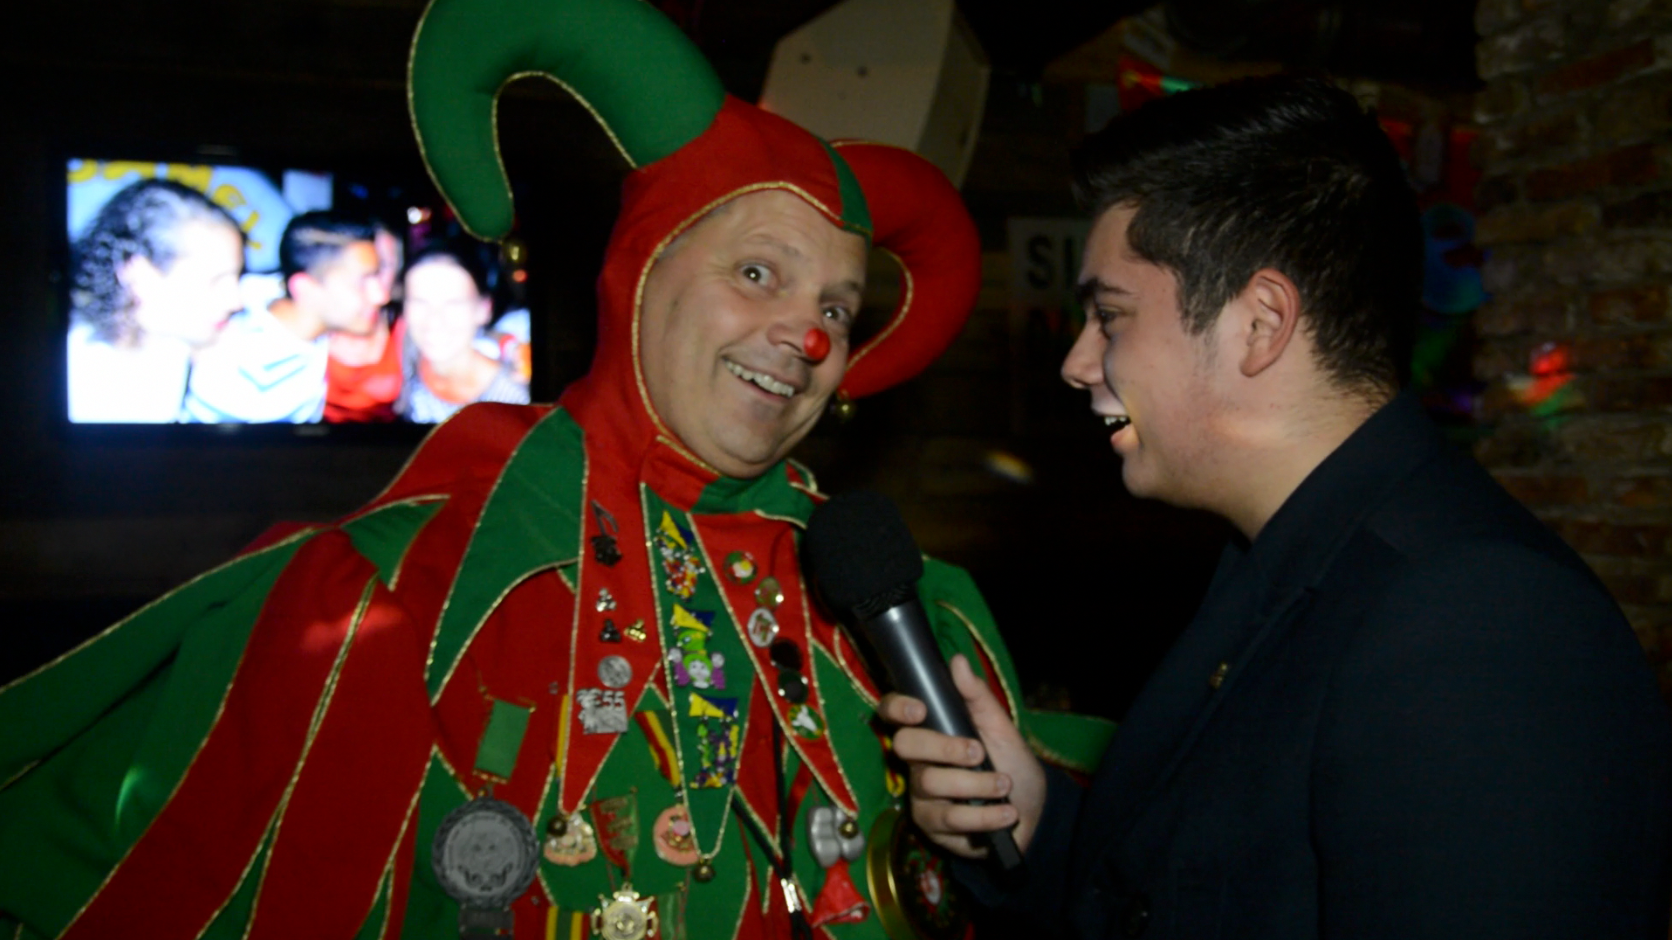 [VIDEO] Elluf Elluf – Carnavalsseizoen officieel begonnen!